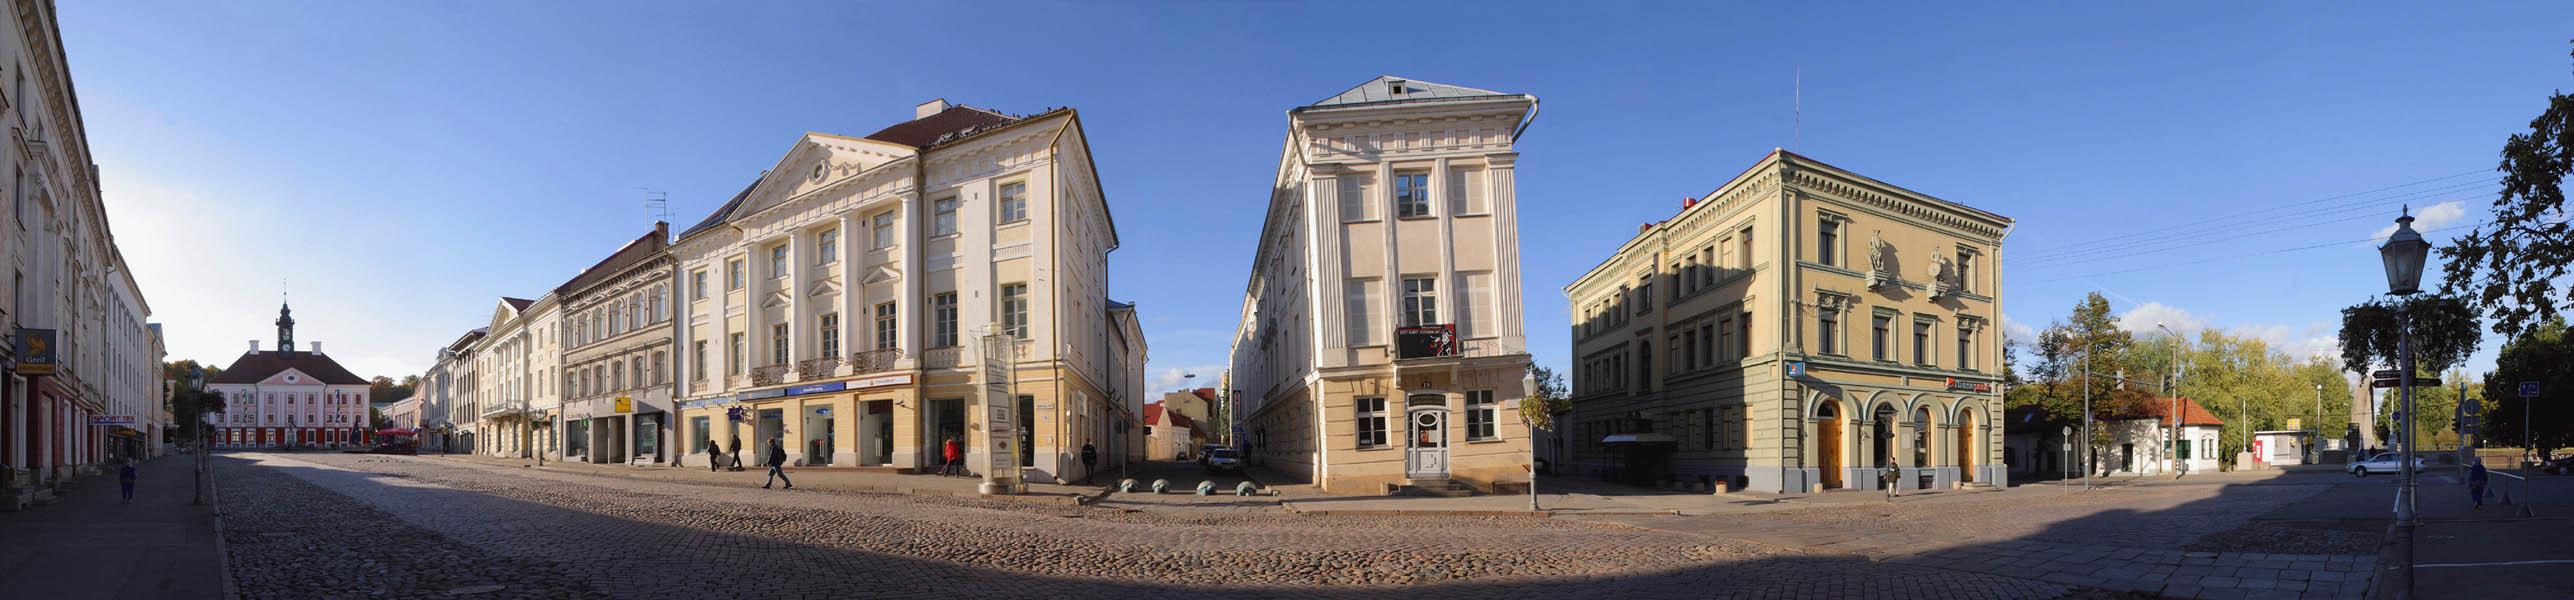 Кривой дом в Тарту